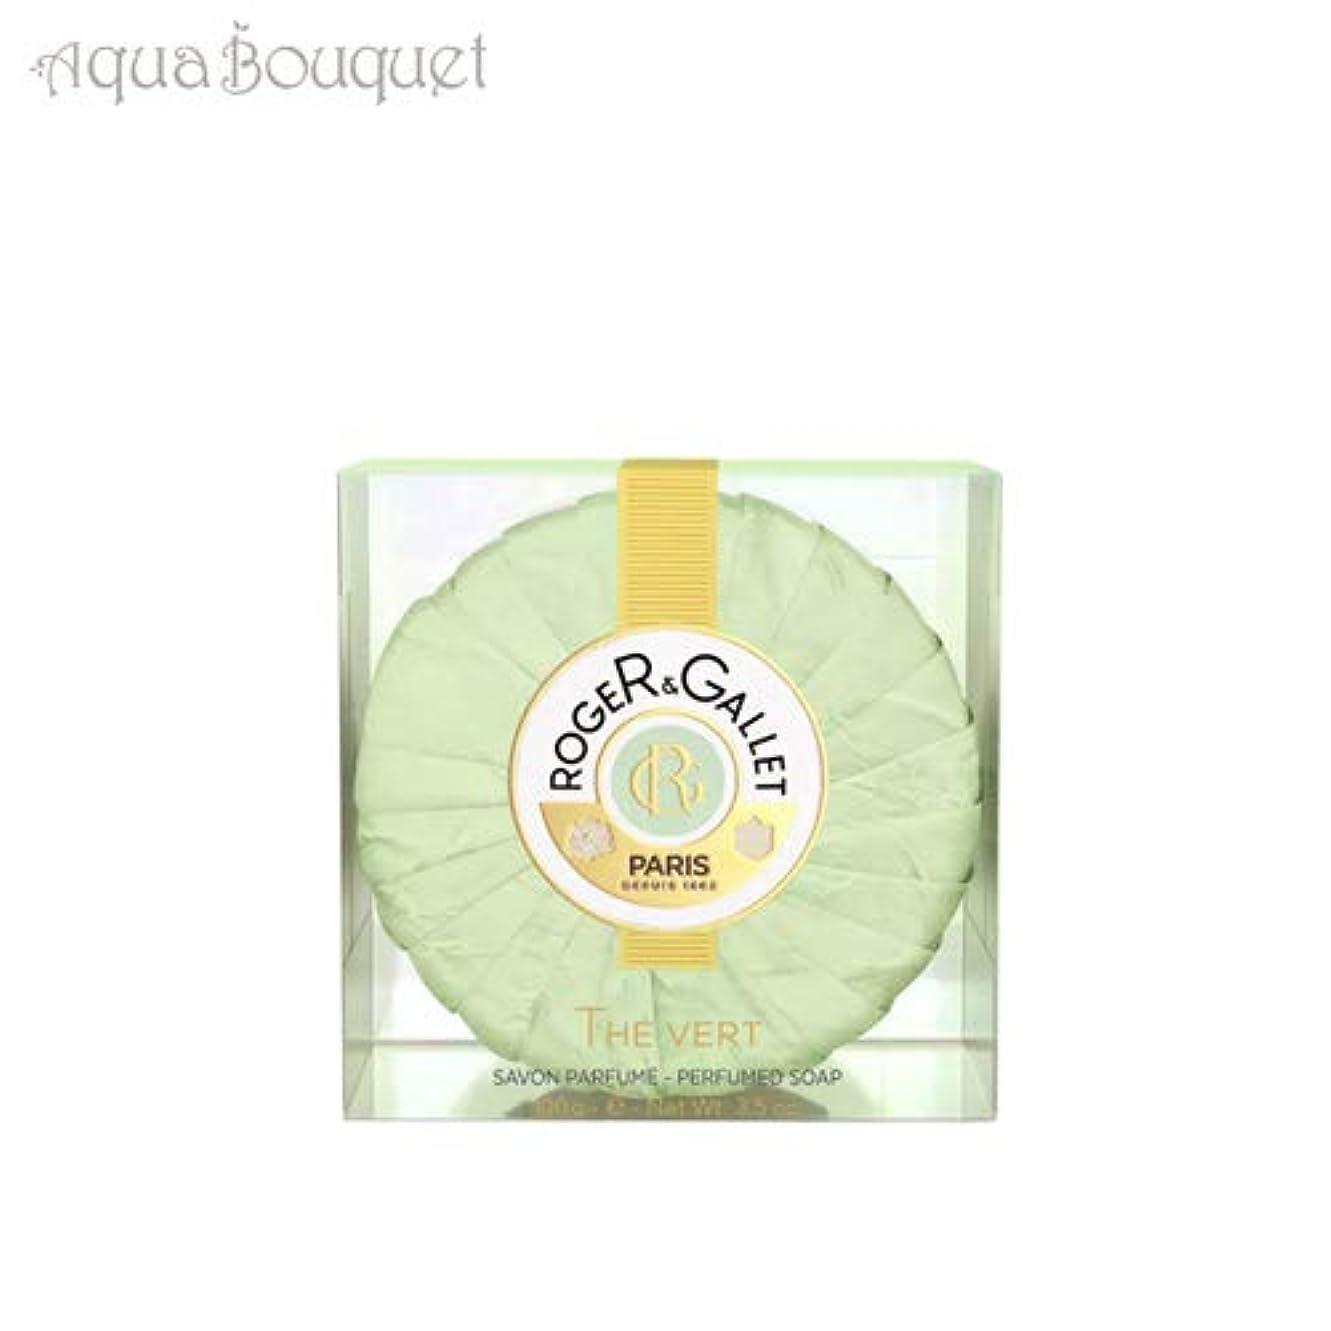 鉄道駅支援する基準ロジェガレ グリーンティー ソープ(オーデ テ ヴェール) 香水石鹸 100g ROGER&GALLET EAU DE THE VERT (GREEN TEA) SOAP [9920] [並行輸入品]